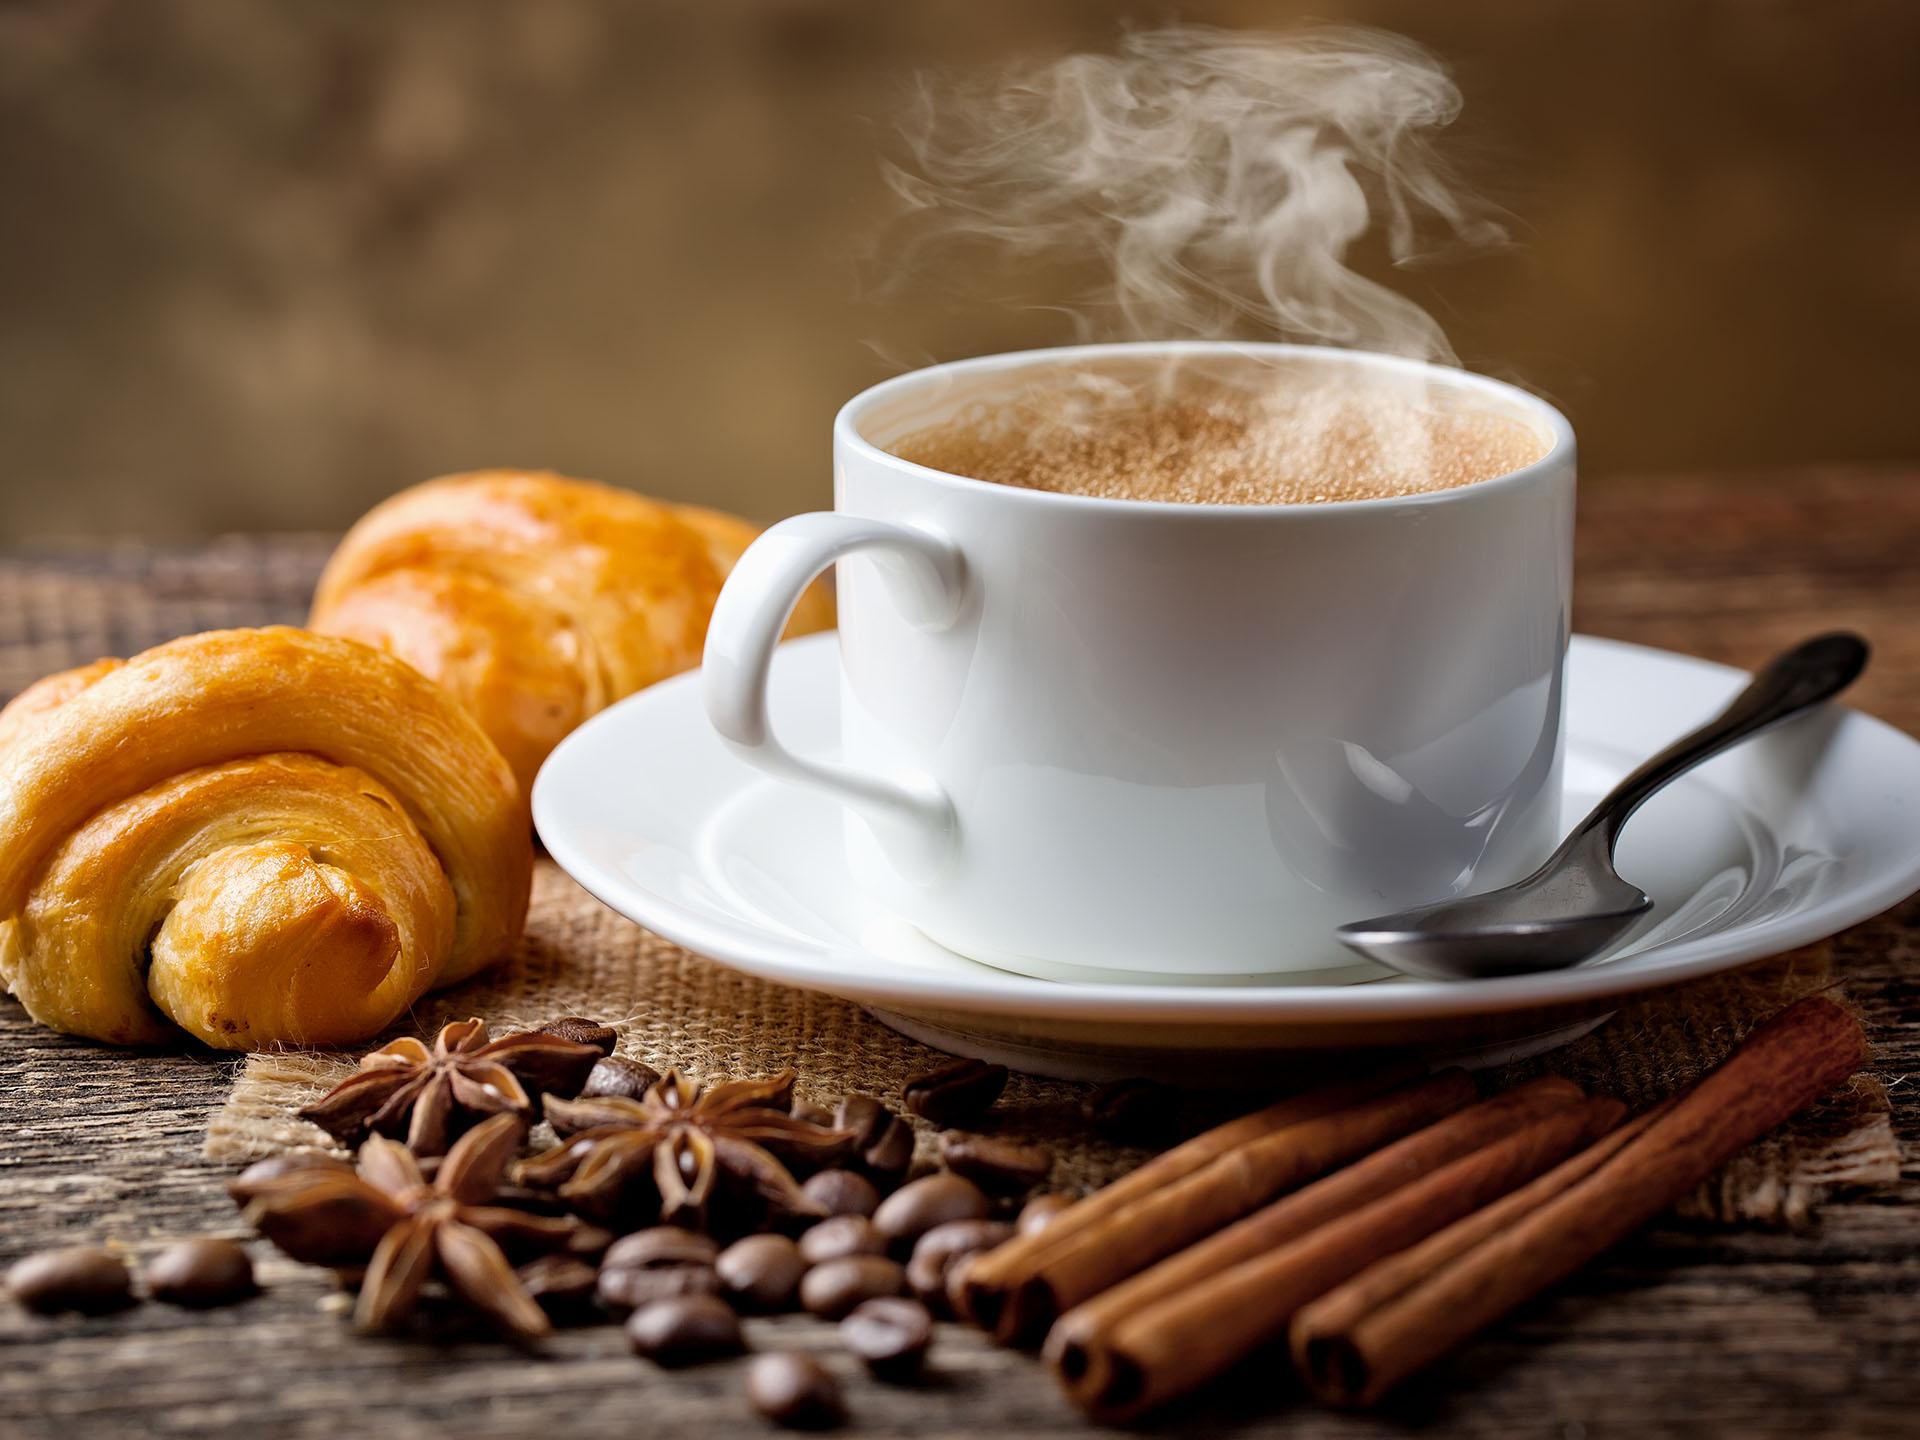 تعرف على فوائد القهوة العديدة على جسم الانسان Ashefaa1558681266597